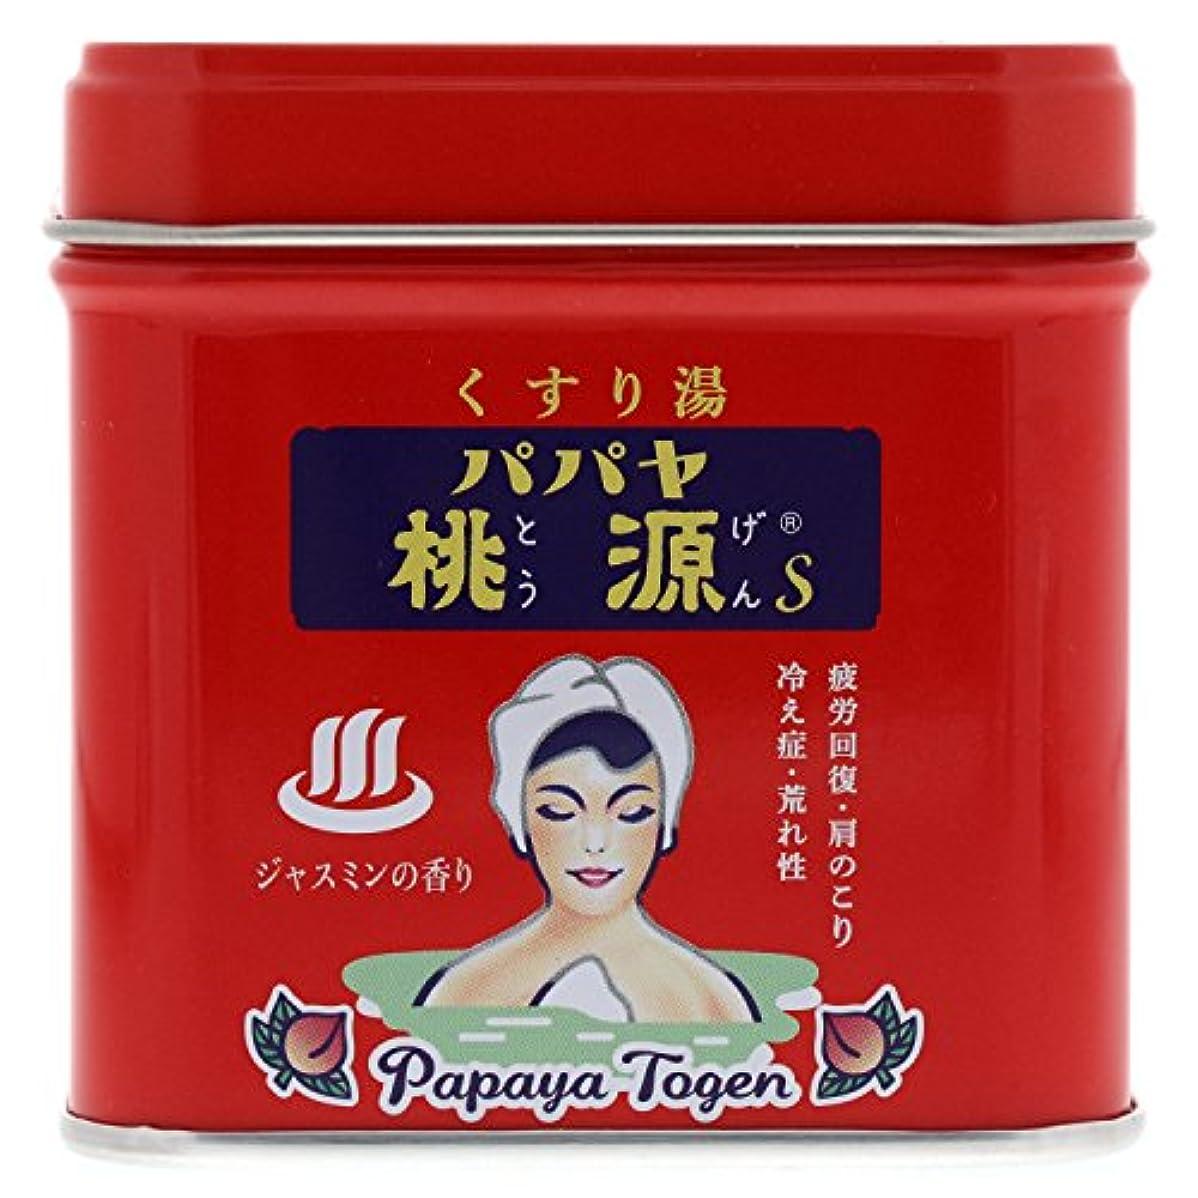 チロ写真のタイマーパパヤ桃源S70g缶 ジャスミンの香り [医薬部外品]